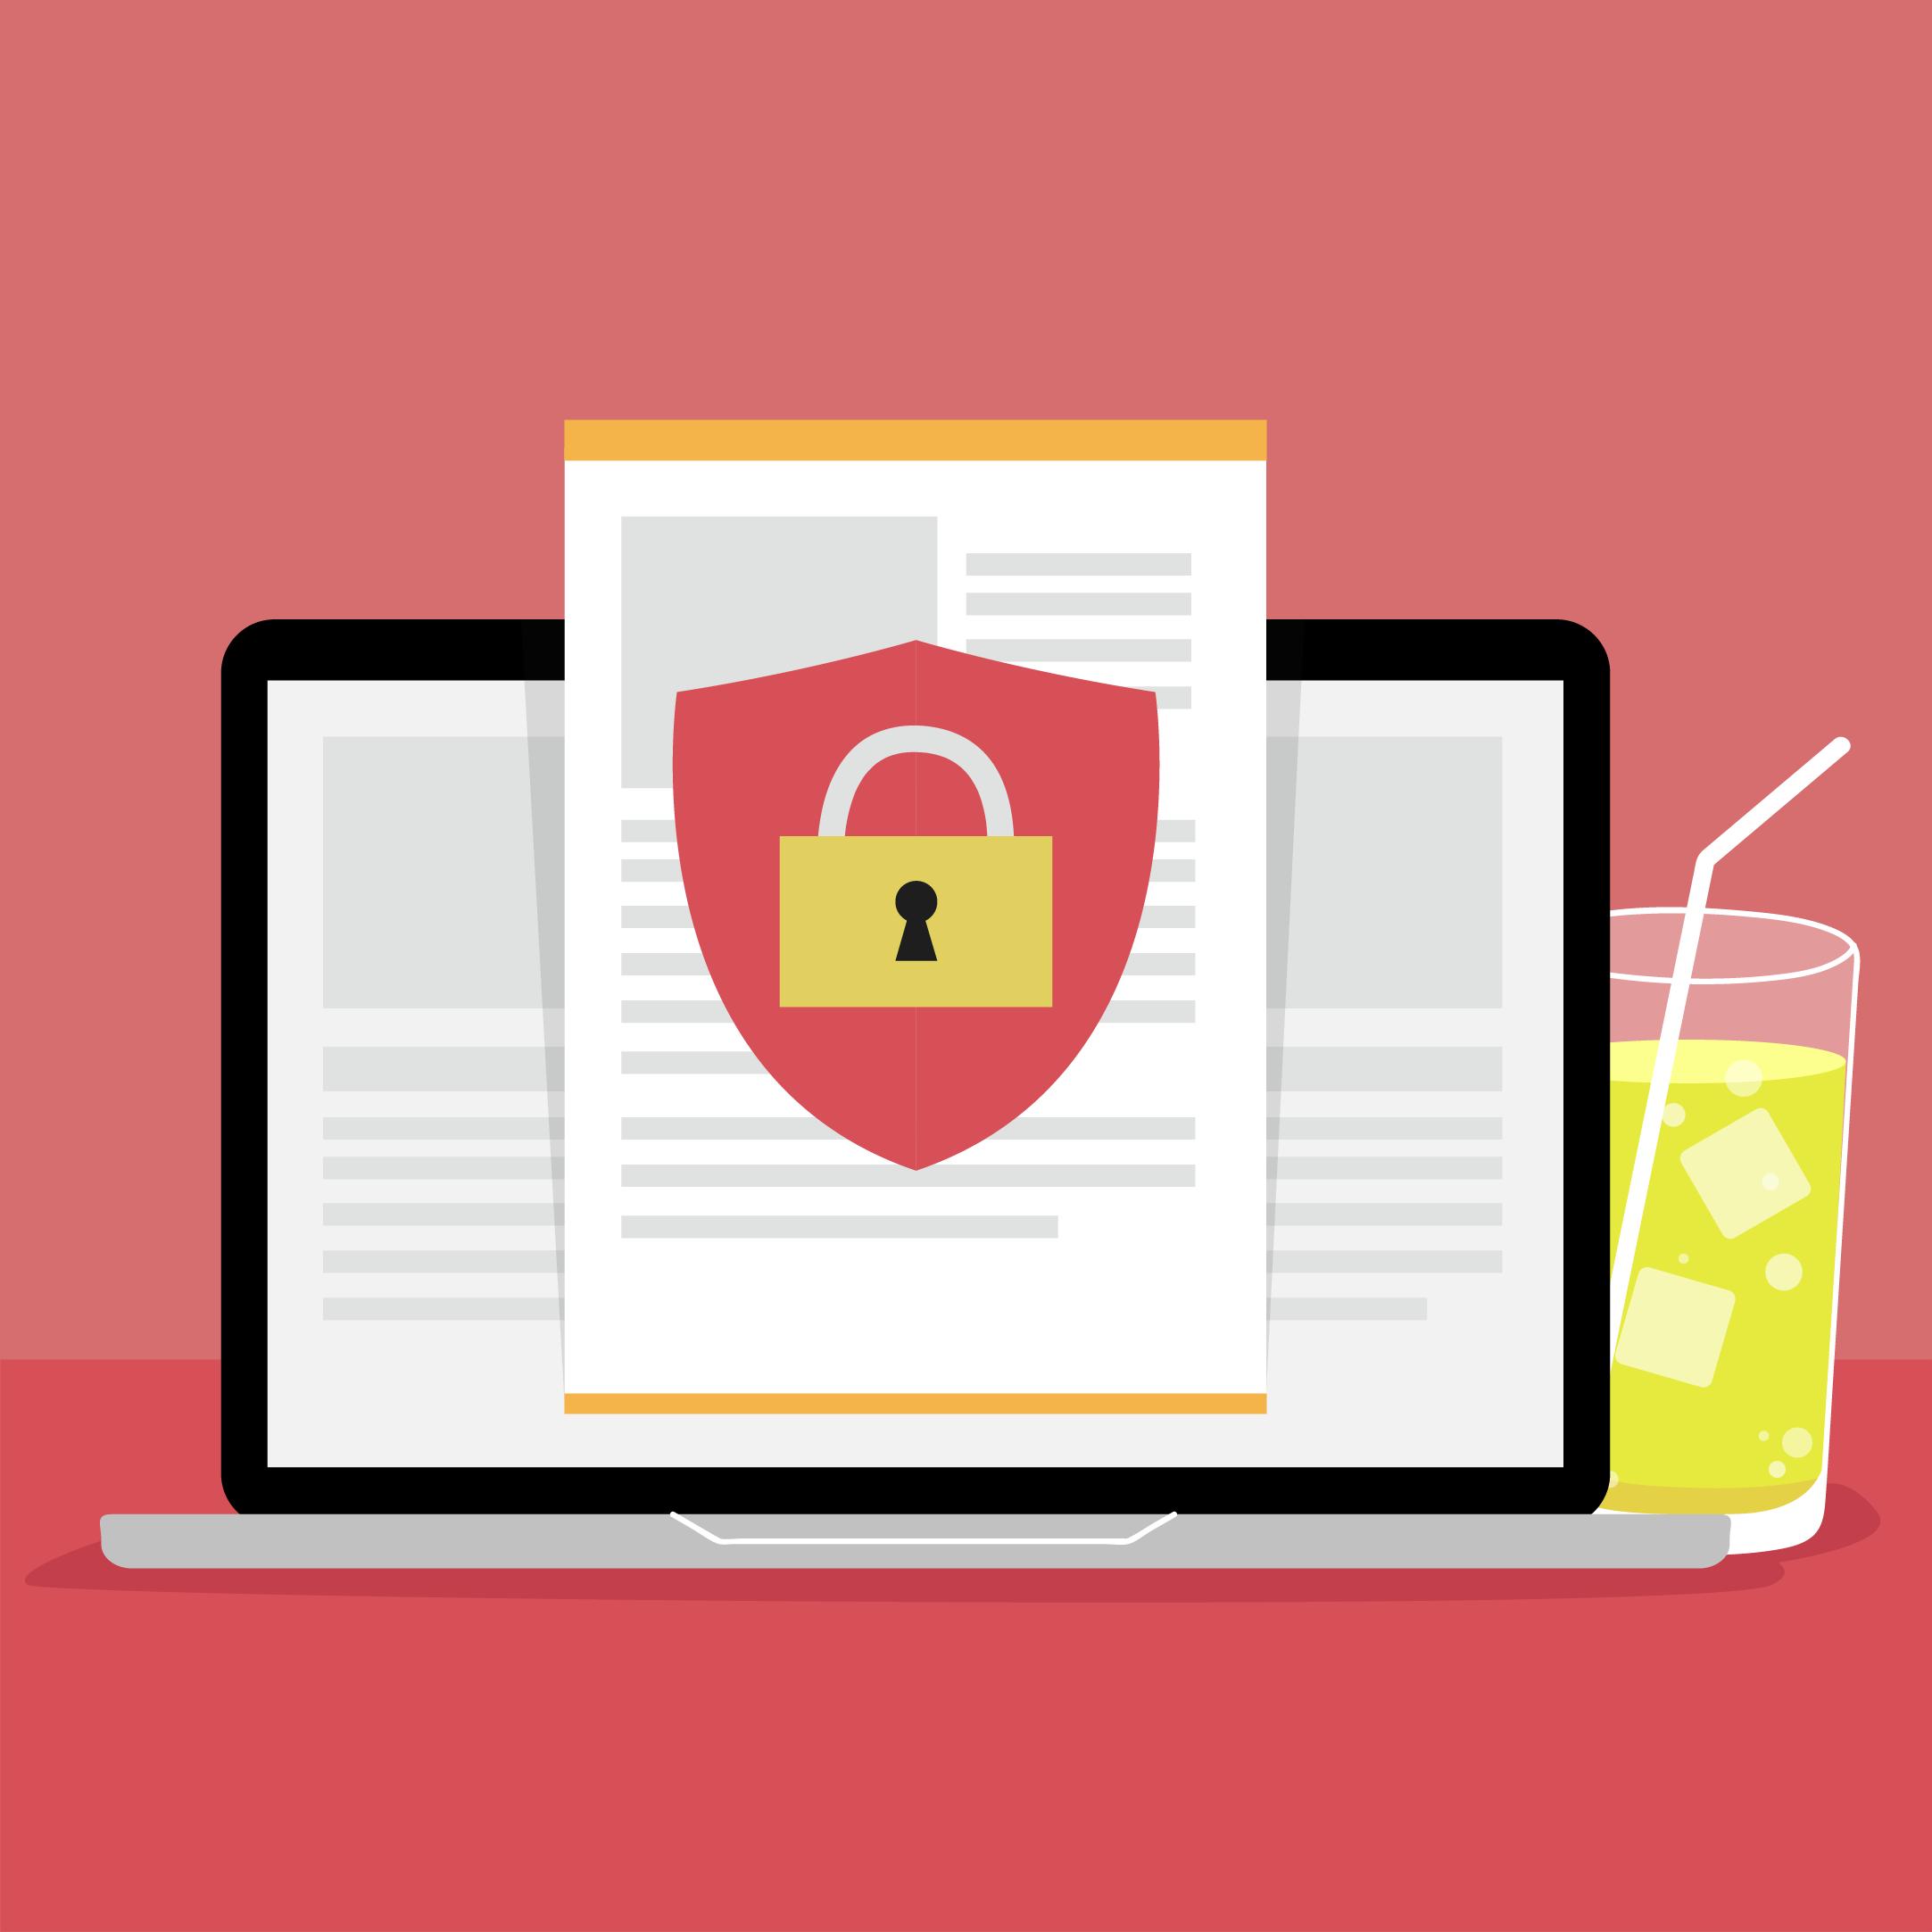 Umfassender Datenschutz, konform mit den DSVGO-Richtlinien